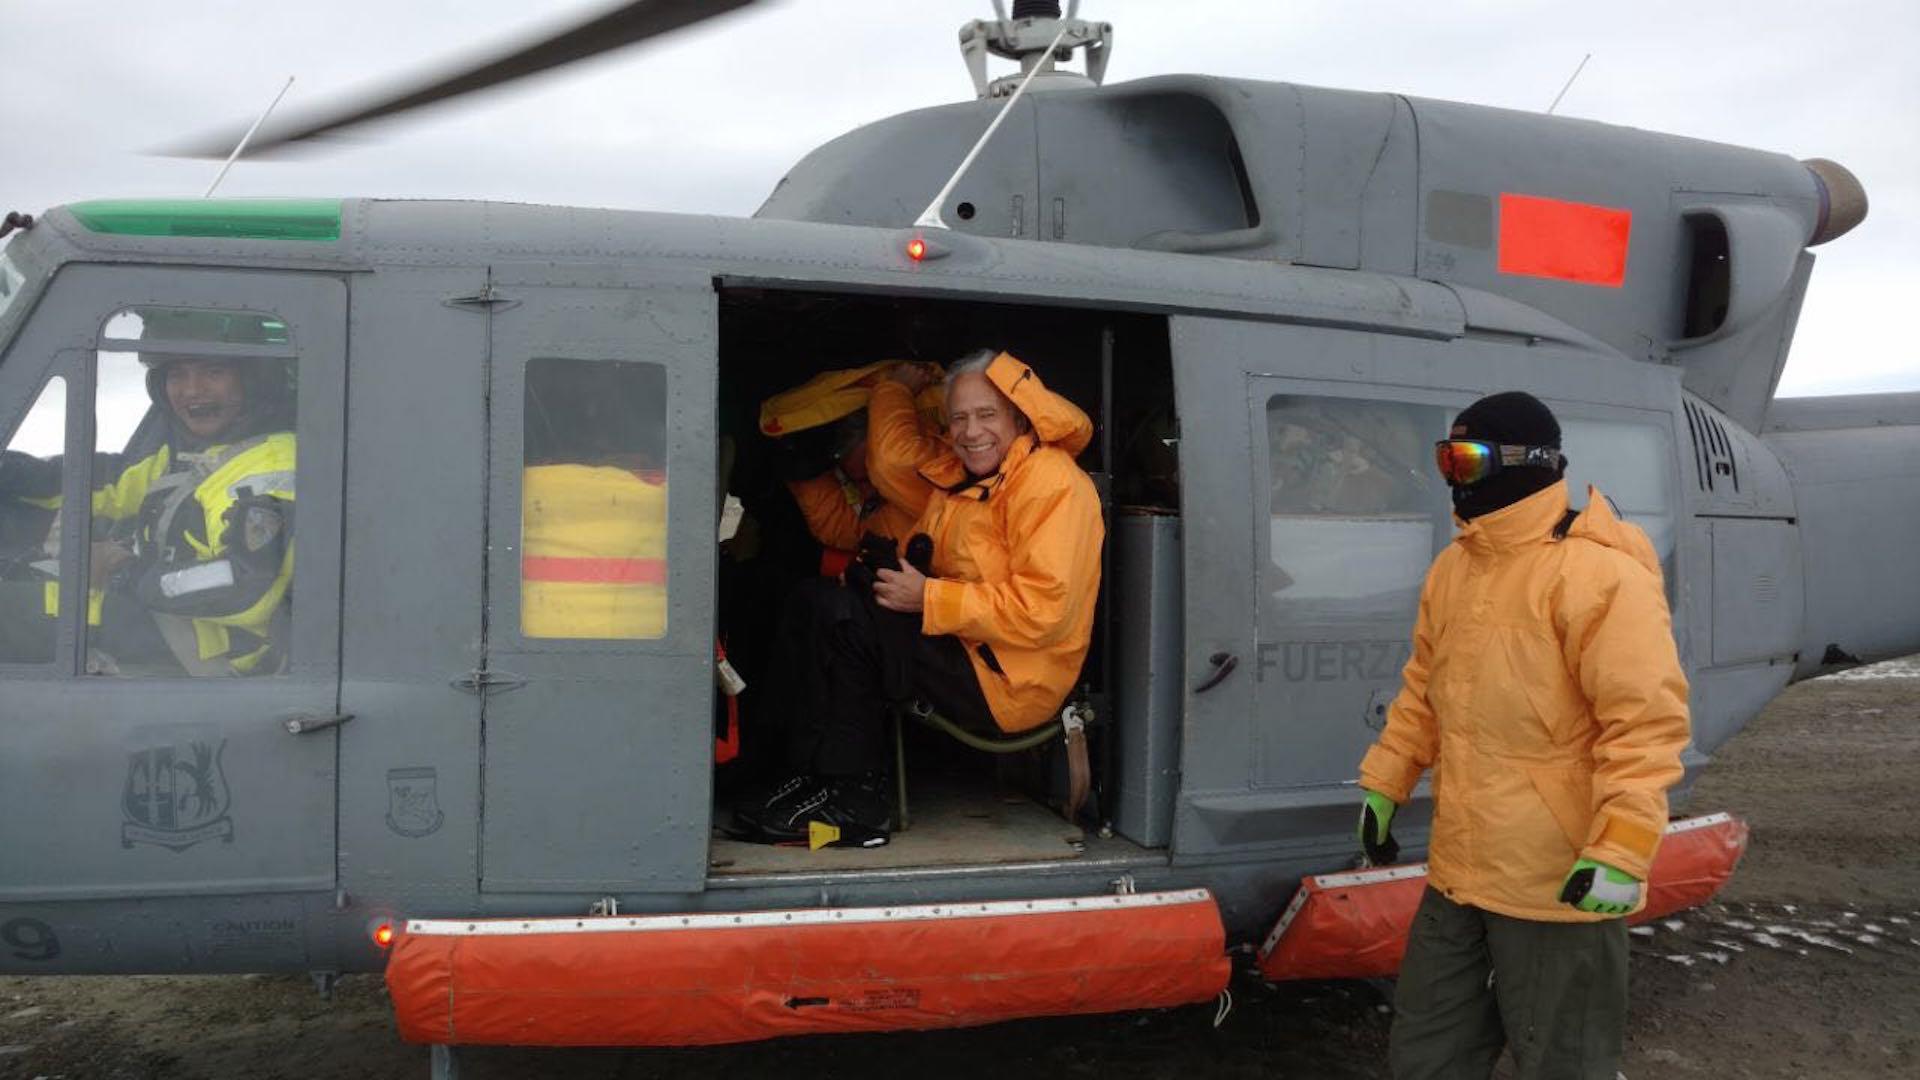 Alberto Cormillot recién llegado a la Antártida se subió a un Bell 212 para ir al Monte Cock Bird. (Foto gentileza A. Cormillot)